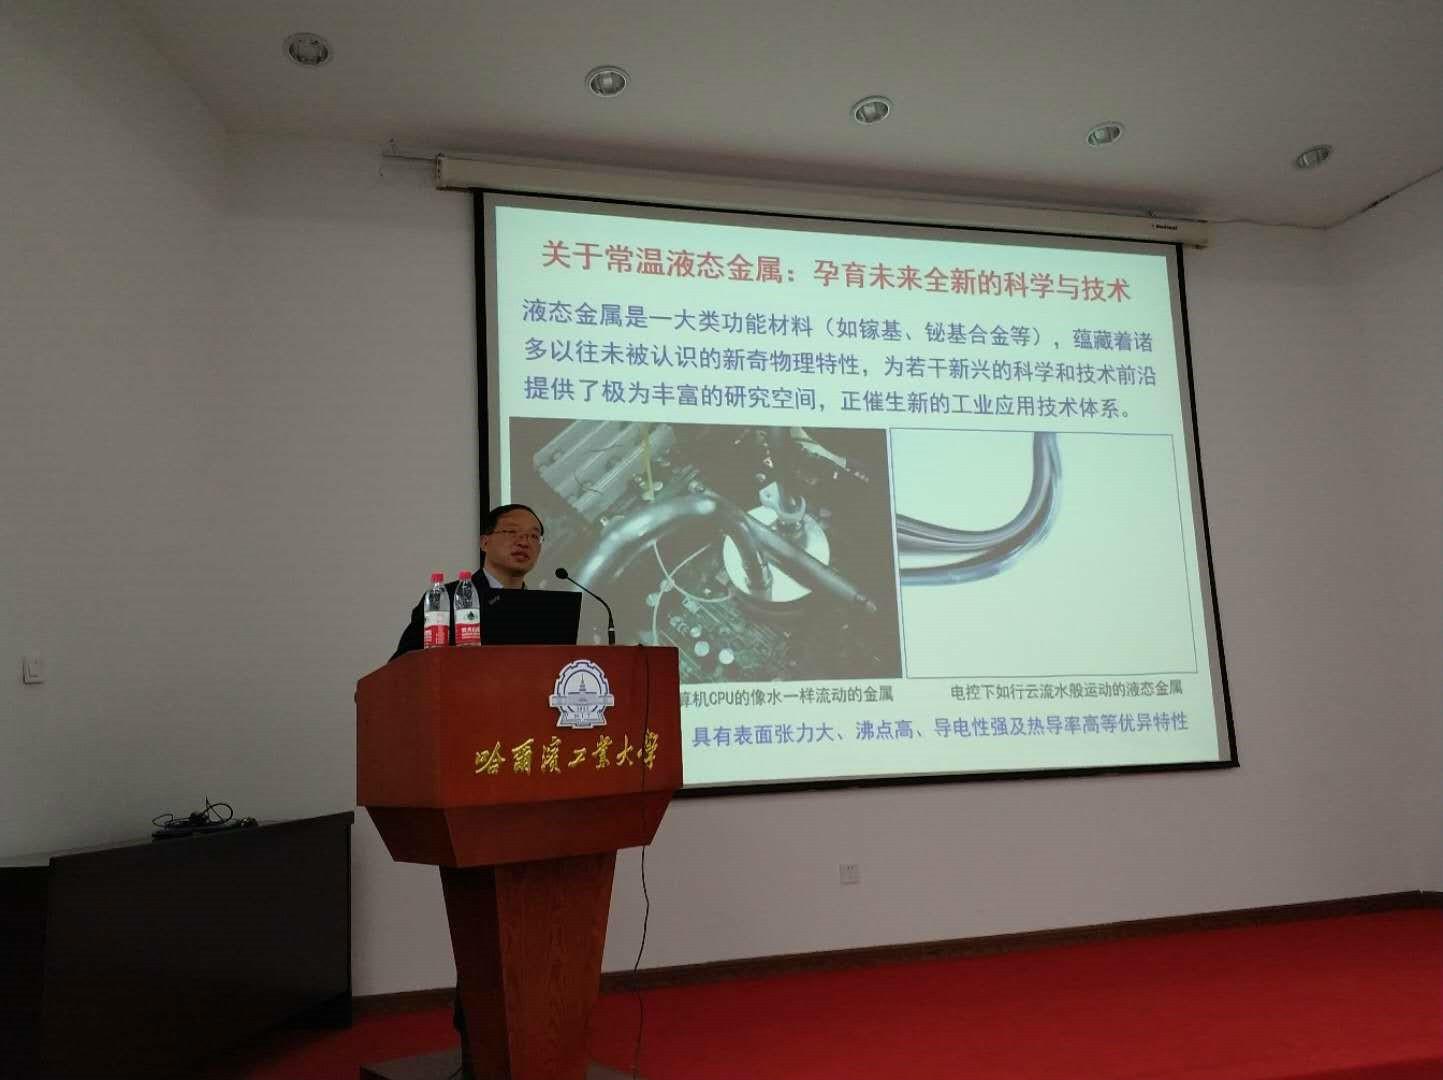 清华大学刘静教授访问我校并做学术报告